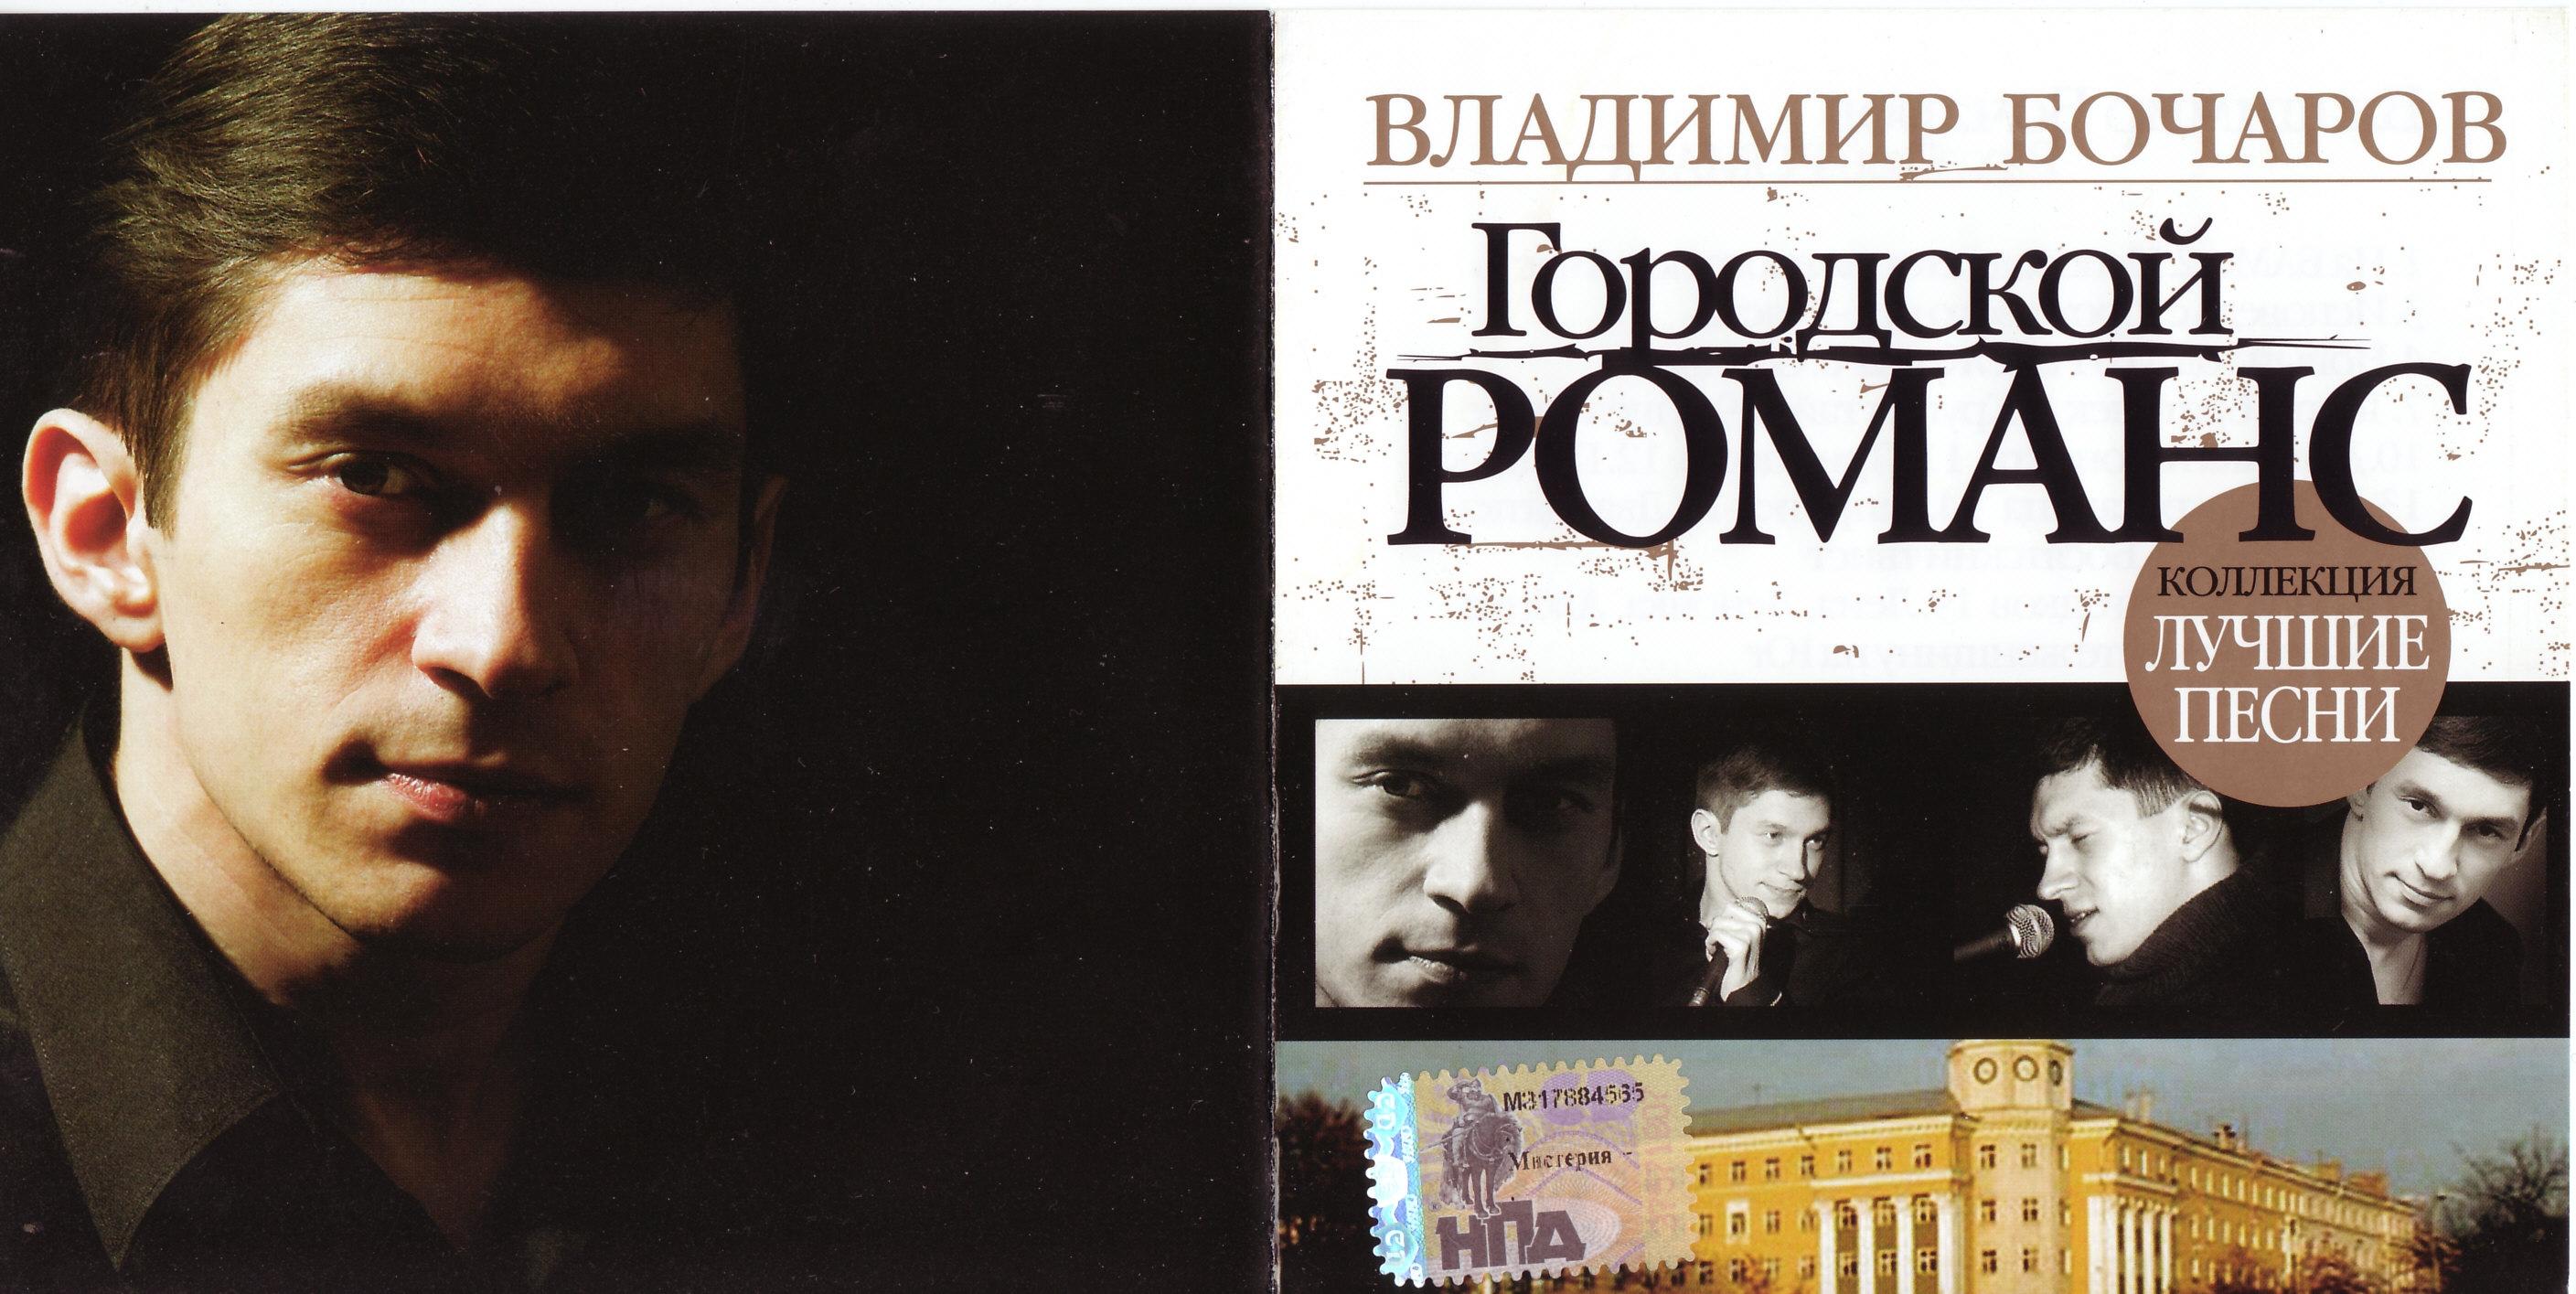 Владимир бочаров фото 6